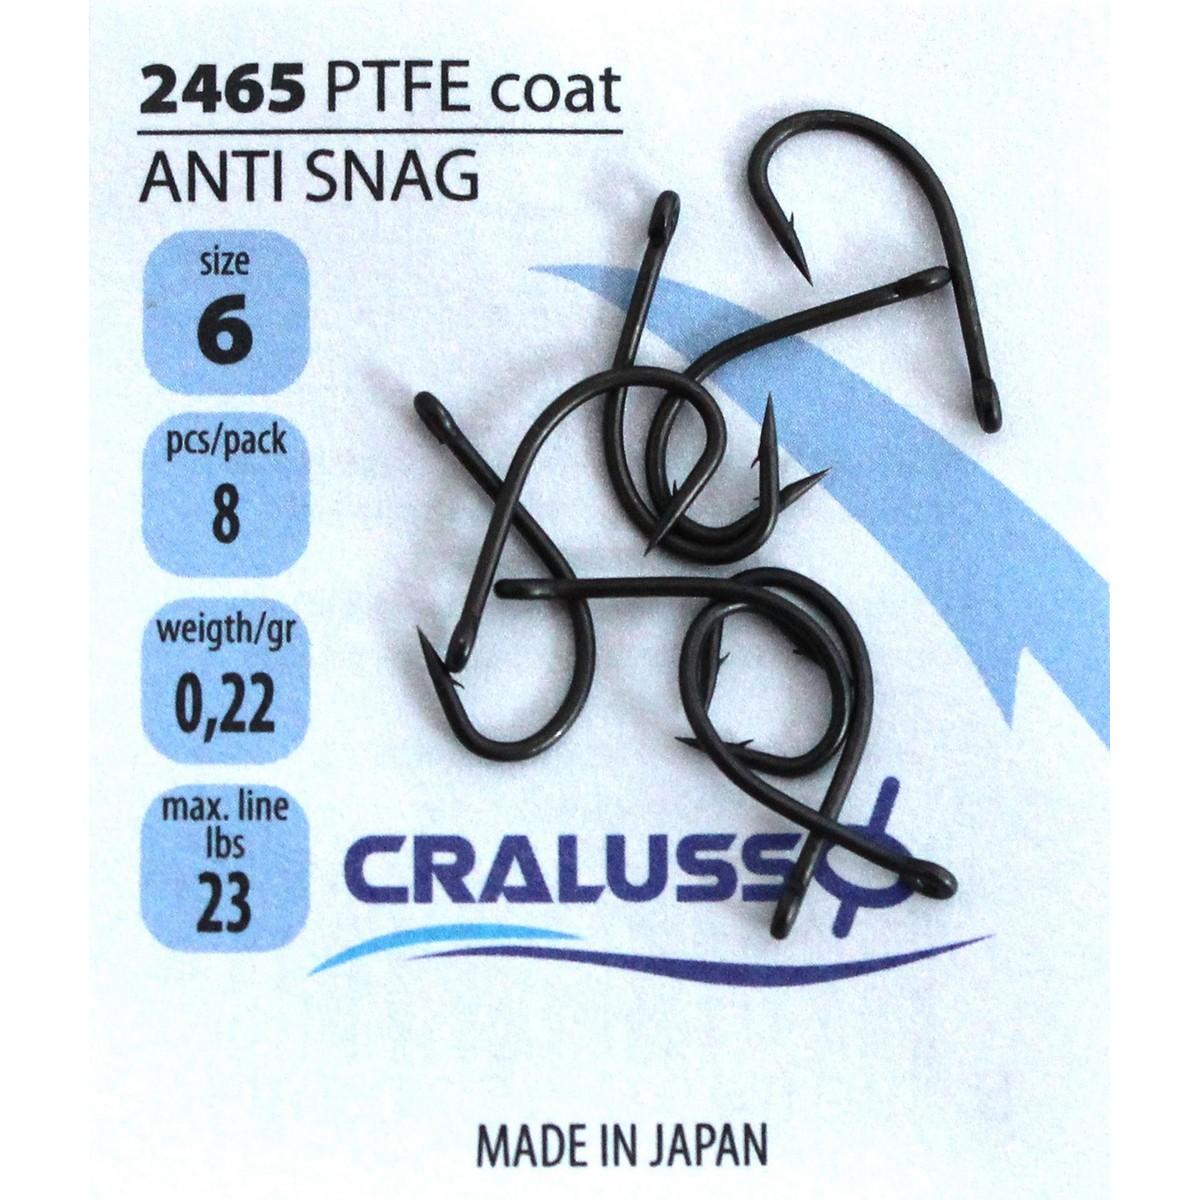 Cralusso Anti Snag 2465